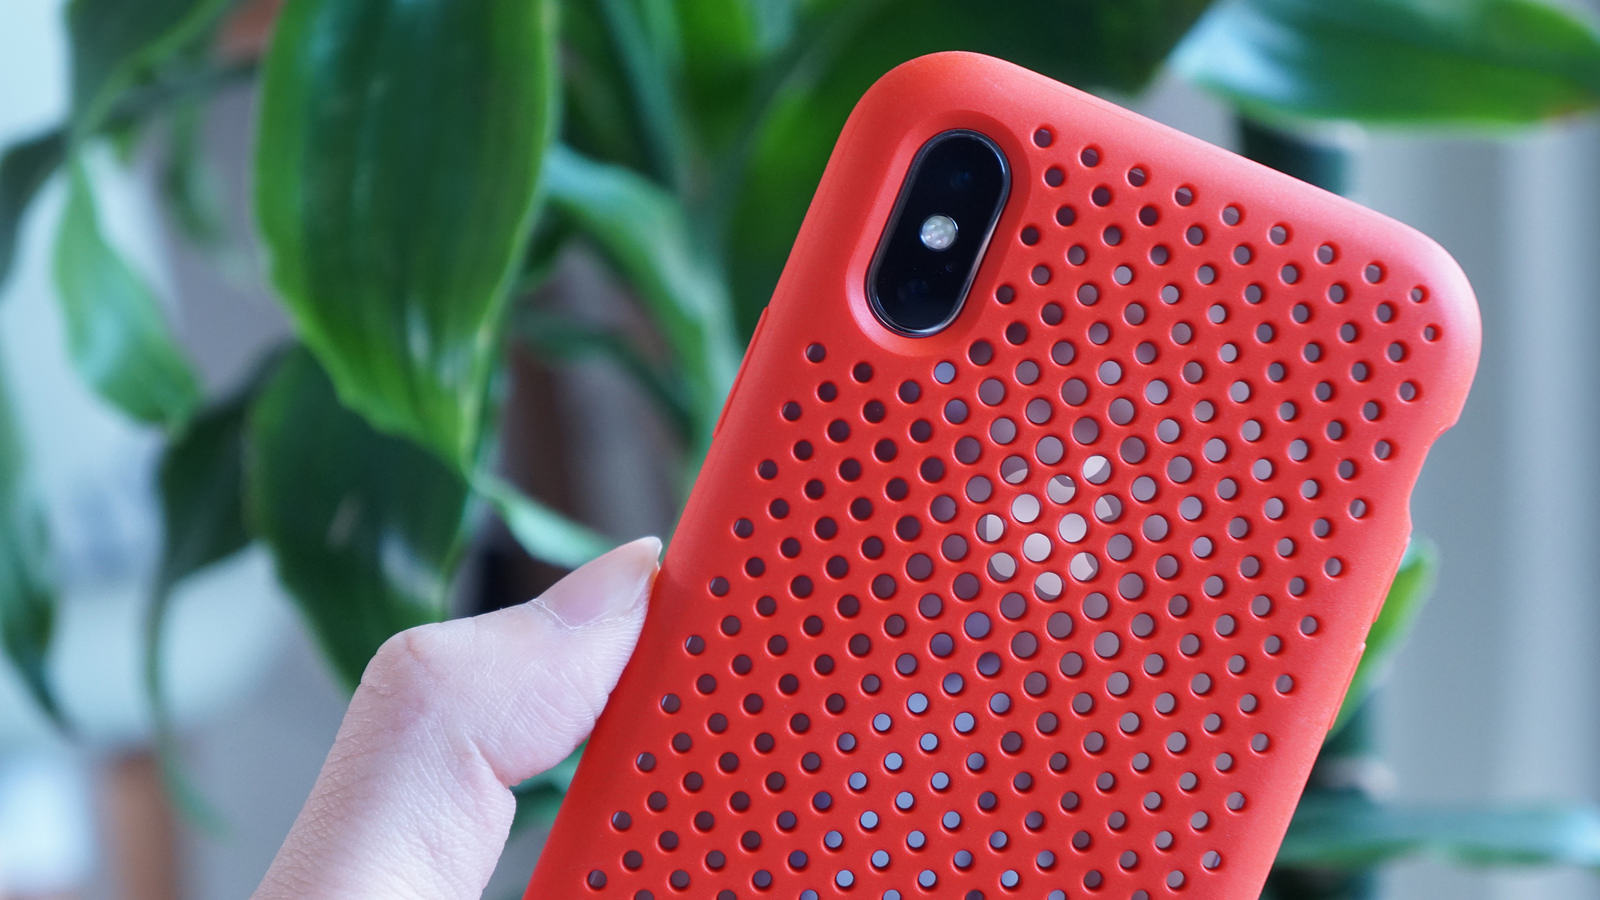 Appleロゴが透けて見えるメッシュケース「AndMesh Case for iPhone X」レビュー